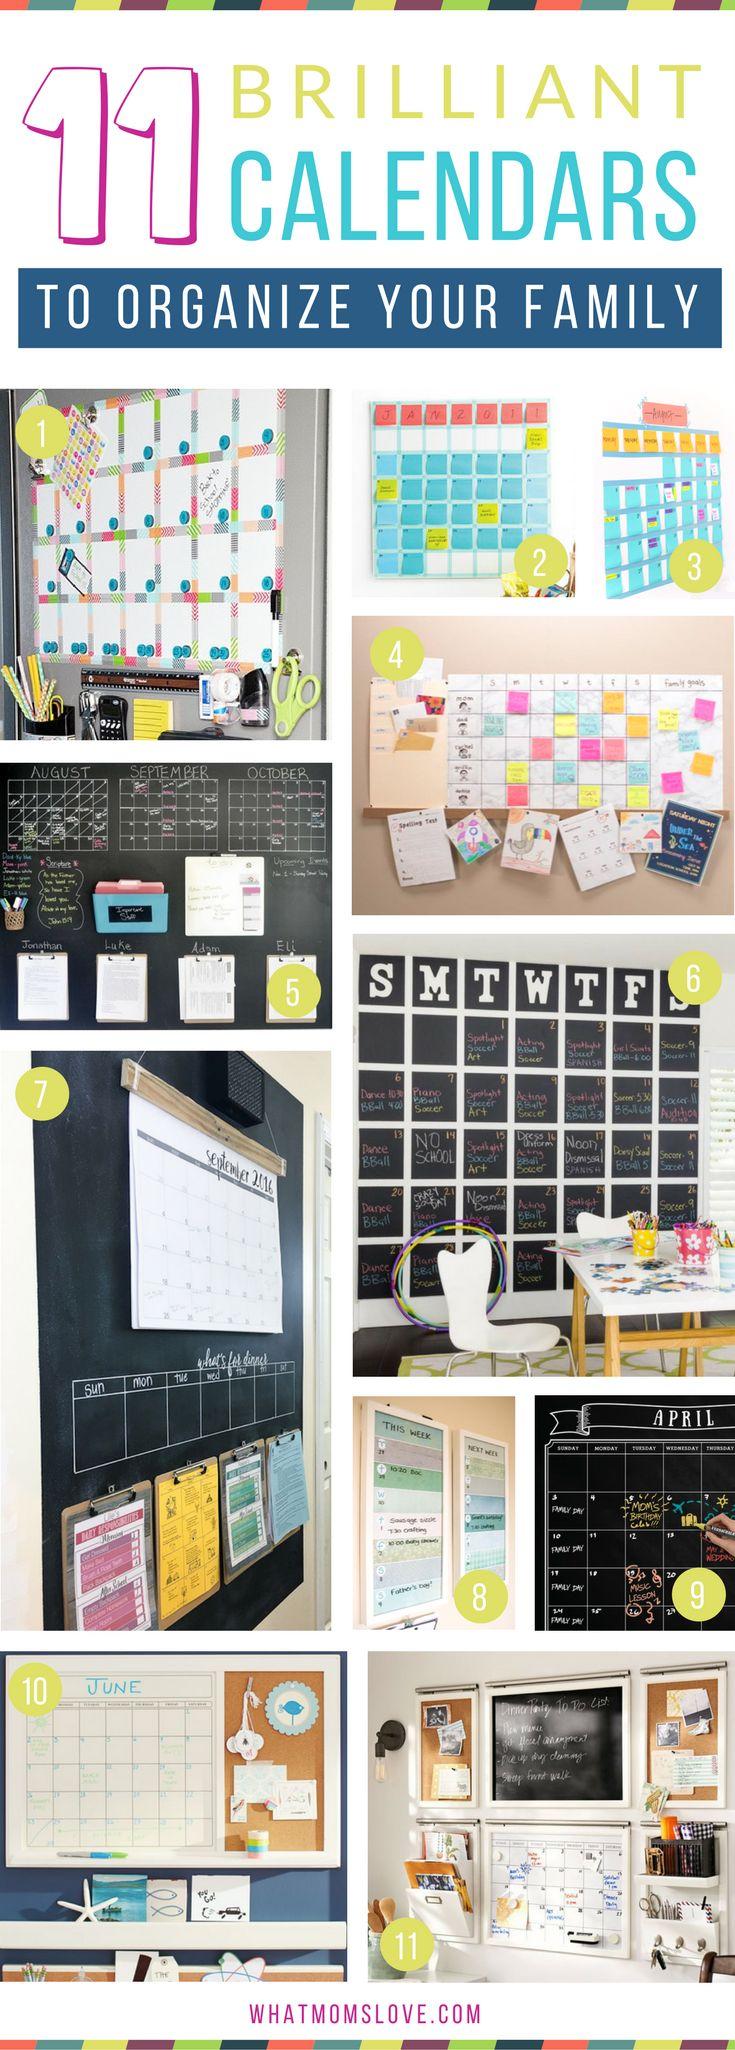 Family Wall Calendar Ideas : Best ideas about office calendar on pinterest